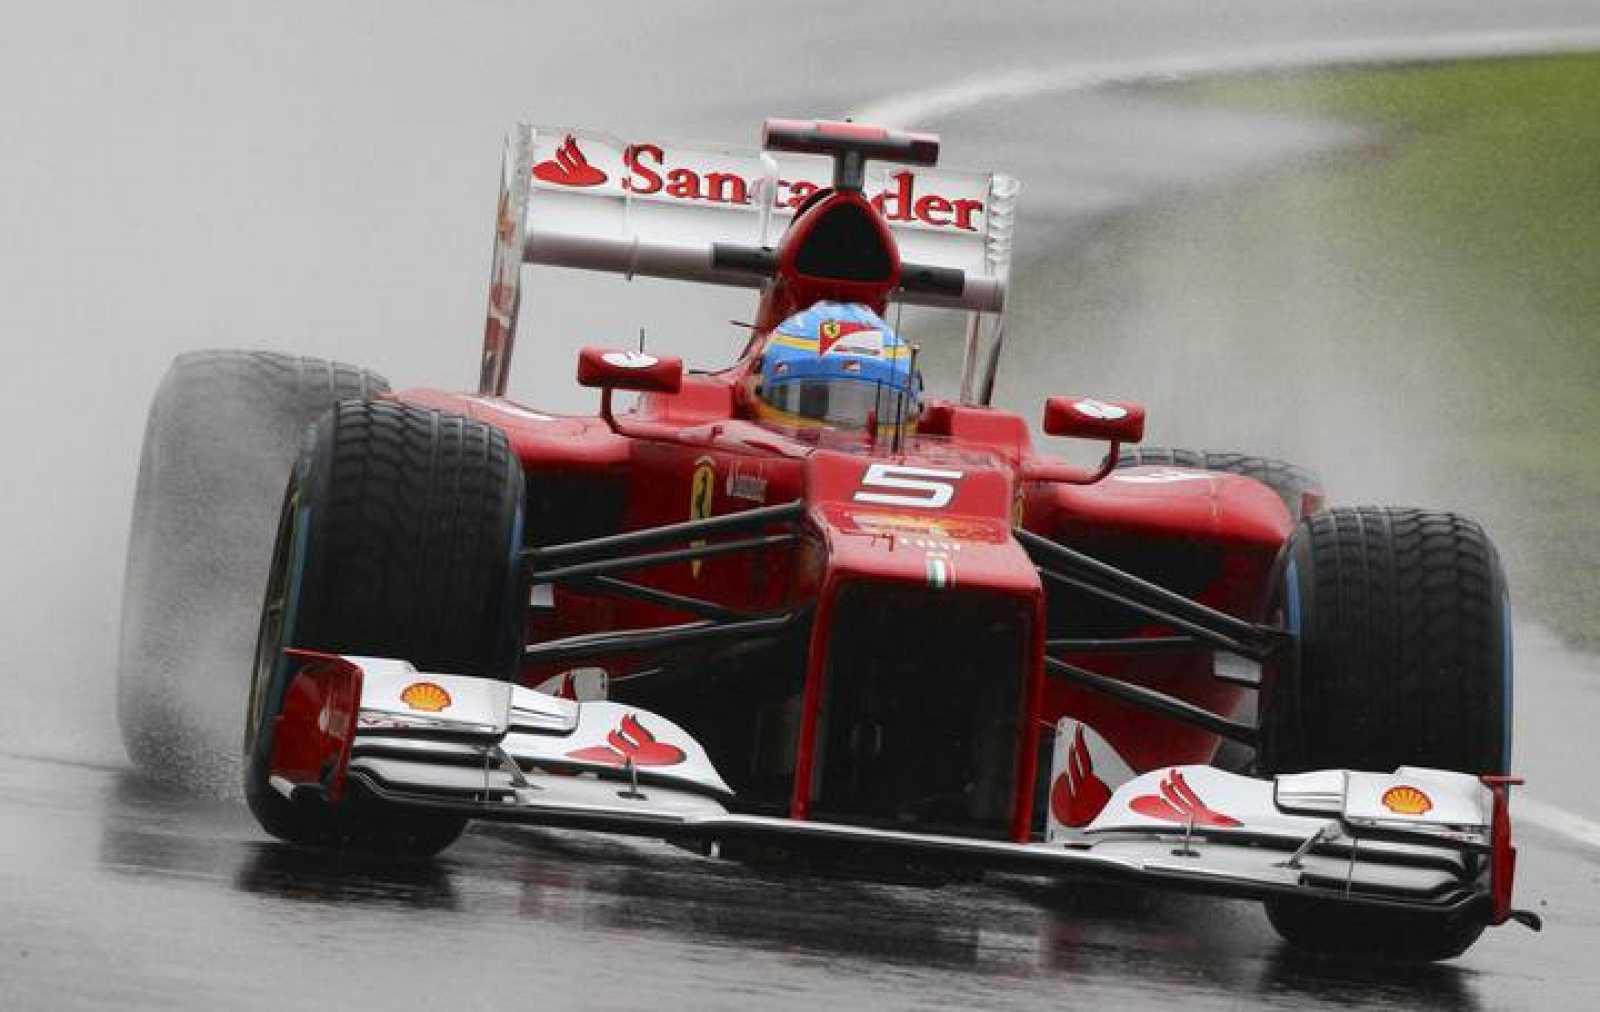 El piloto español de Fórmula 1 Fernando Alonso, de la escudería Ferrari, durante los entrenamientos de Silverstone